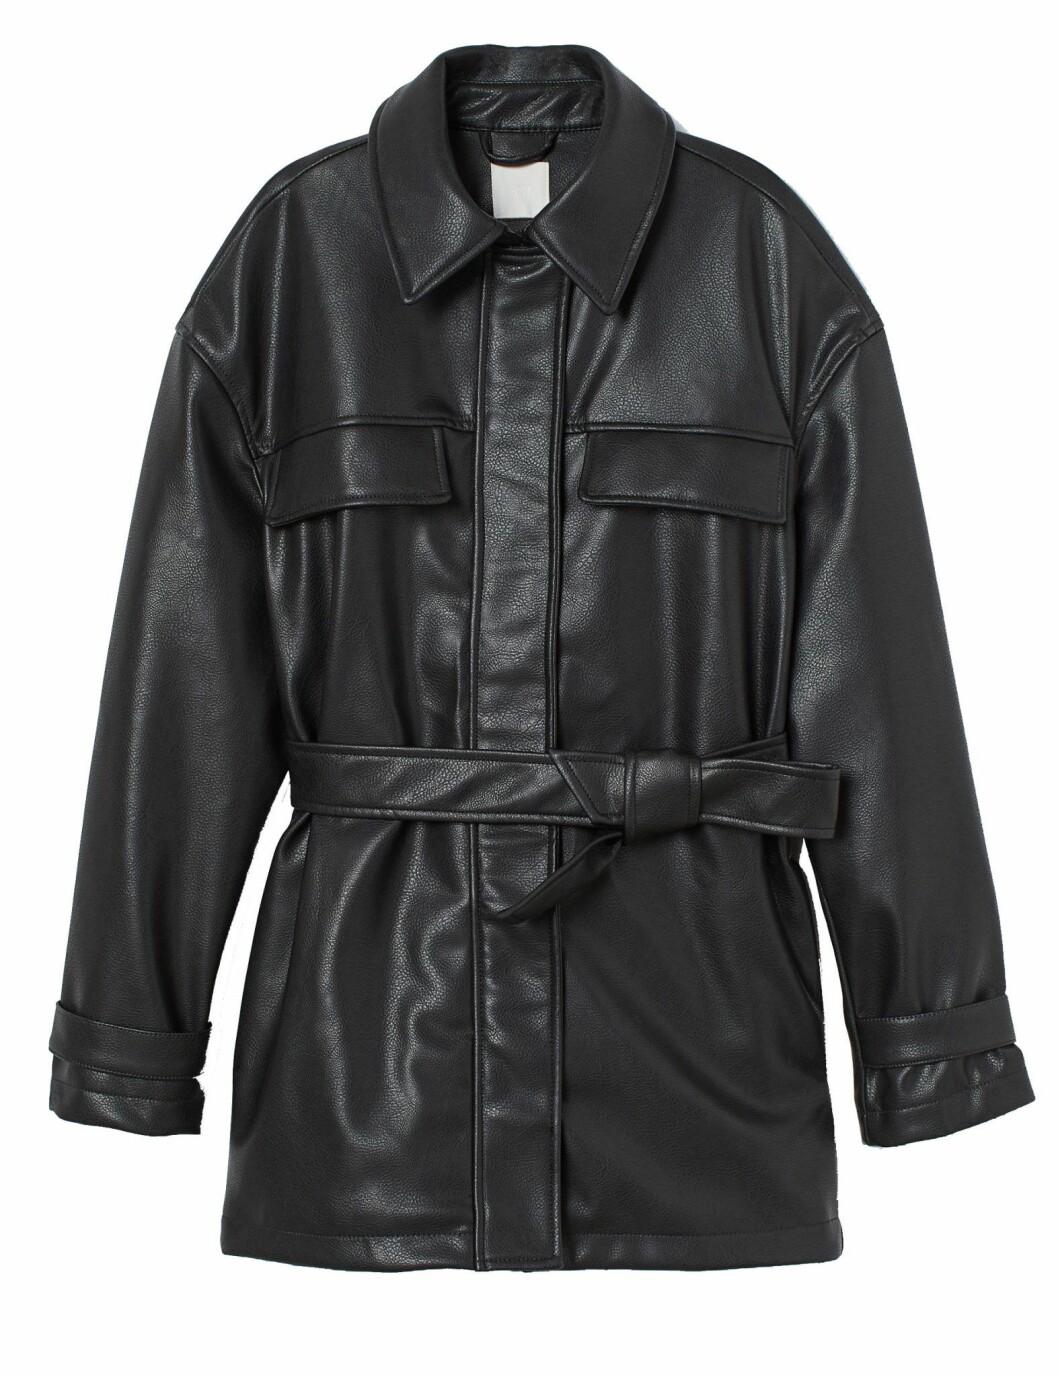 Jacka i läderimitation från H&M